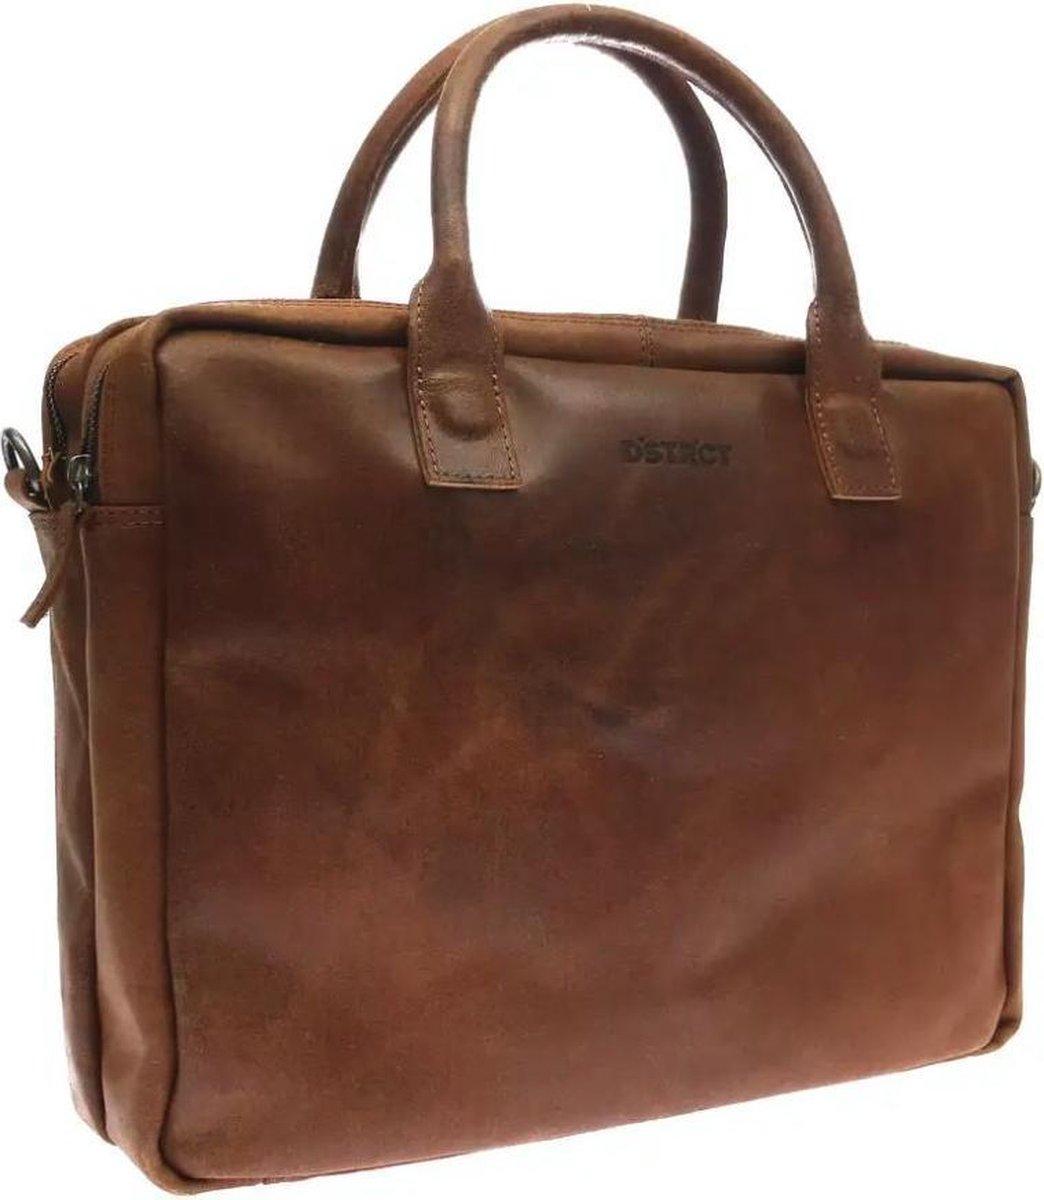 DSTRCT Fletcher Street Leren Laptoptas - 15,6 inch - Cognac